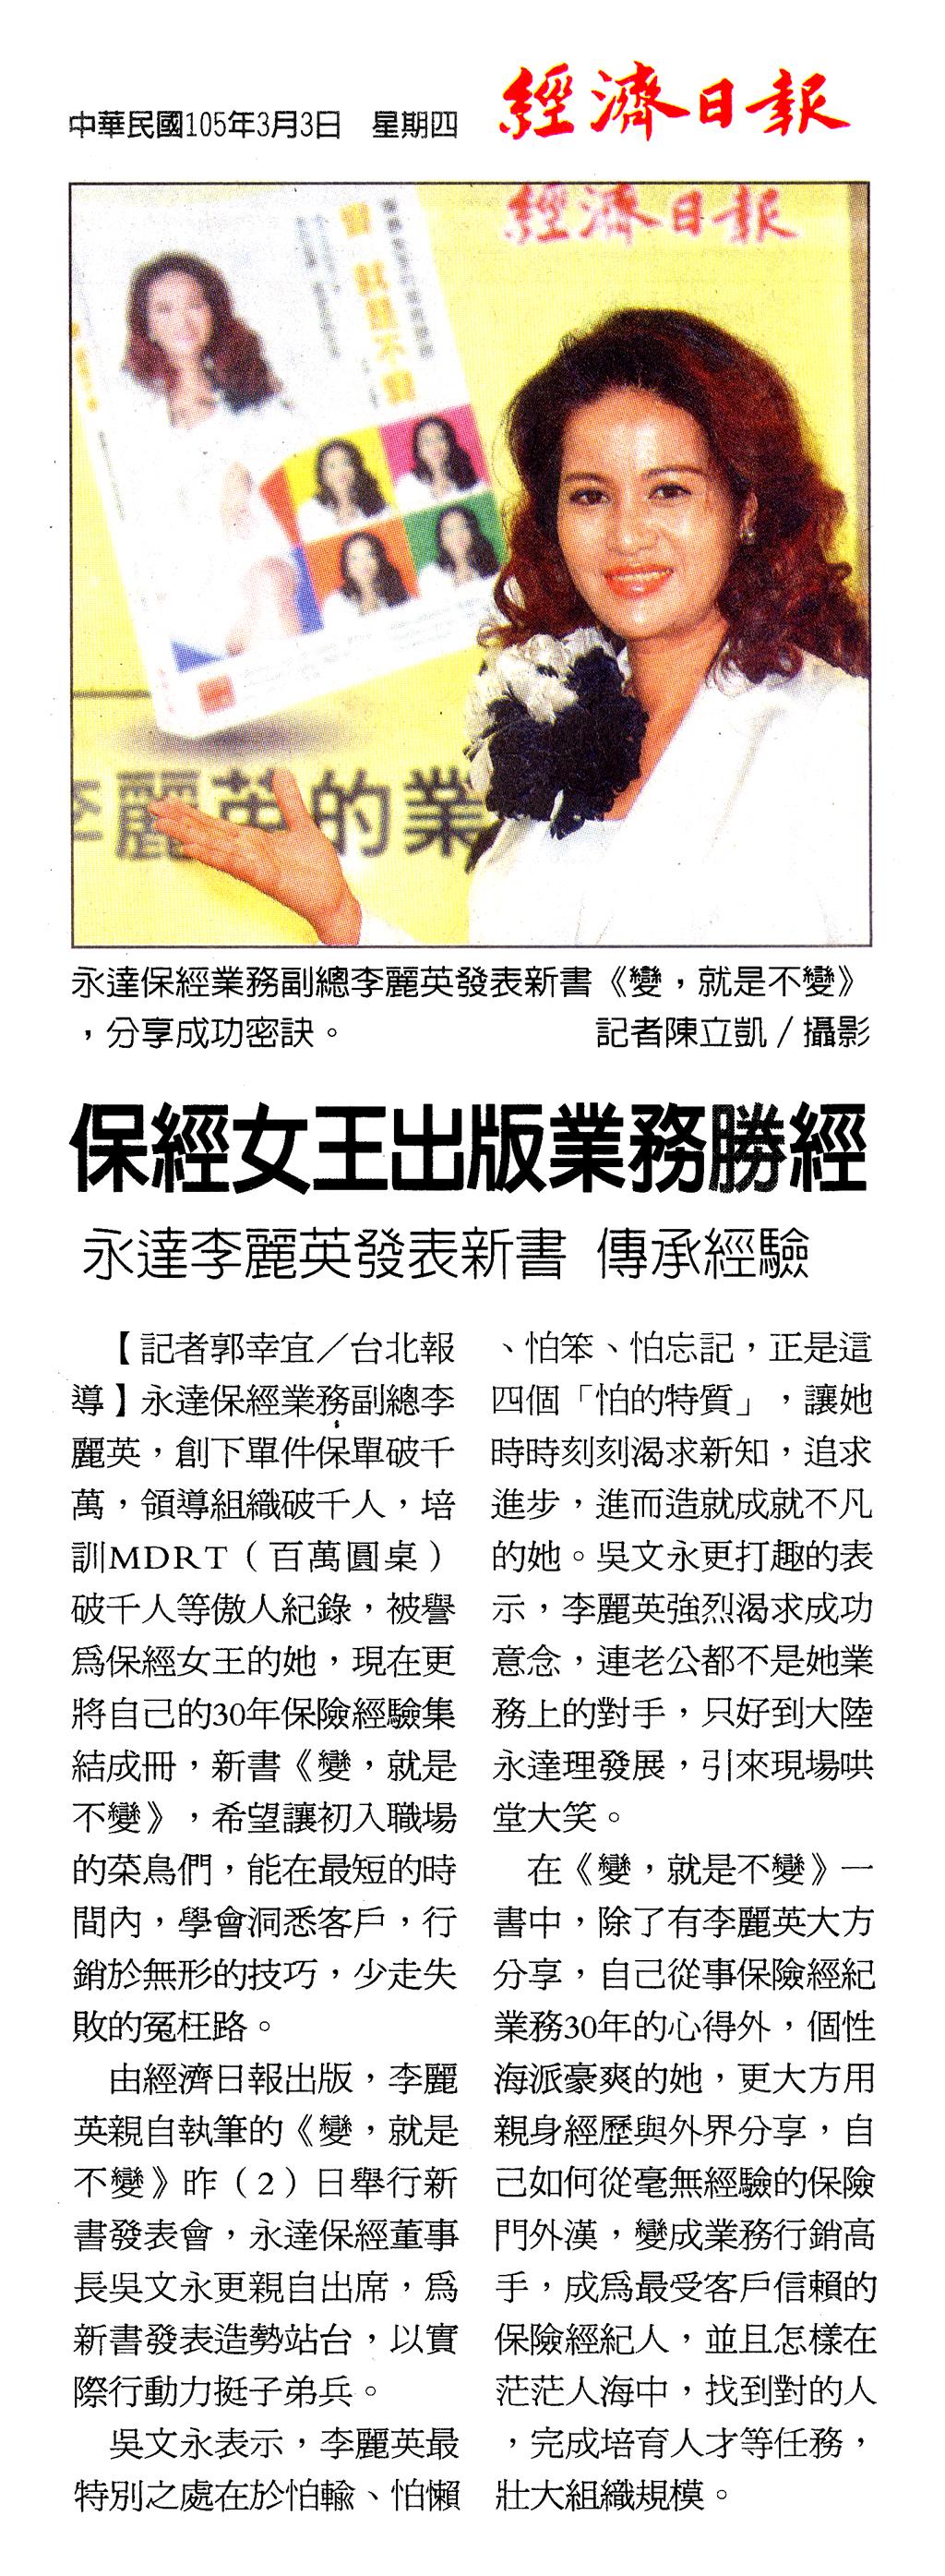 保經女王出版業務勝經 永達李麗英發表新書 傳承經驗報導圖檔